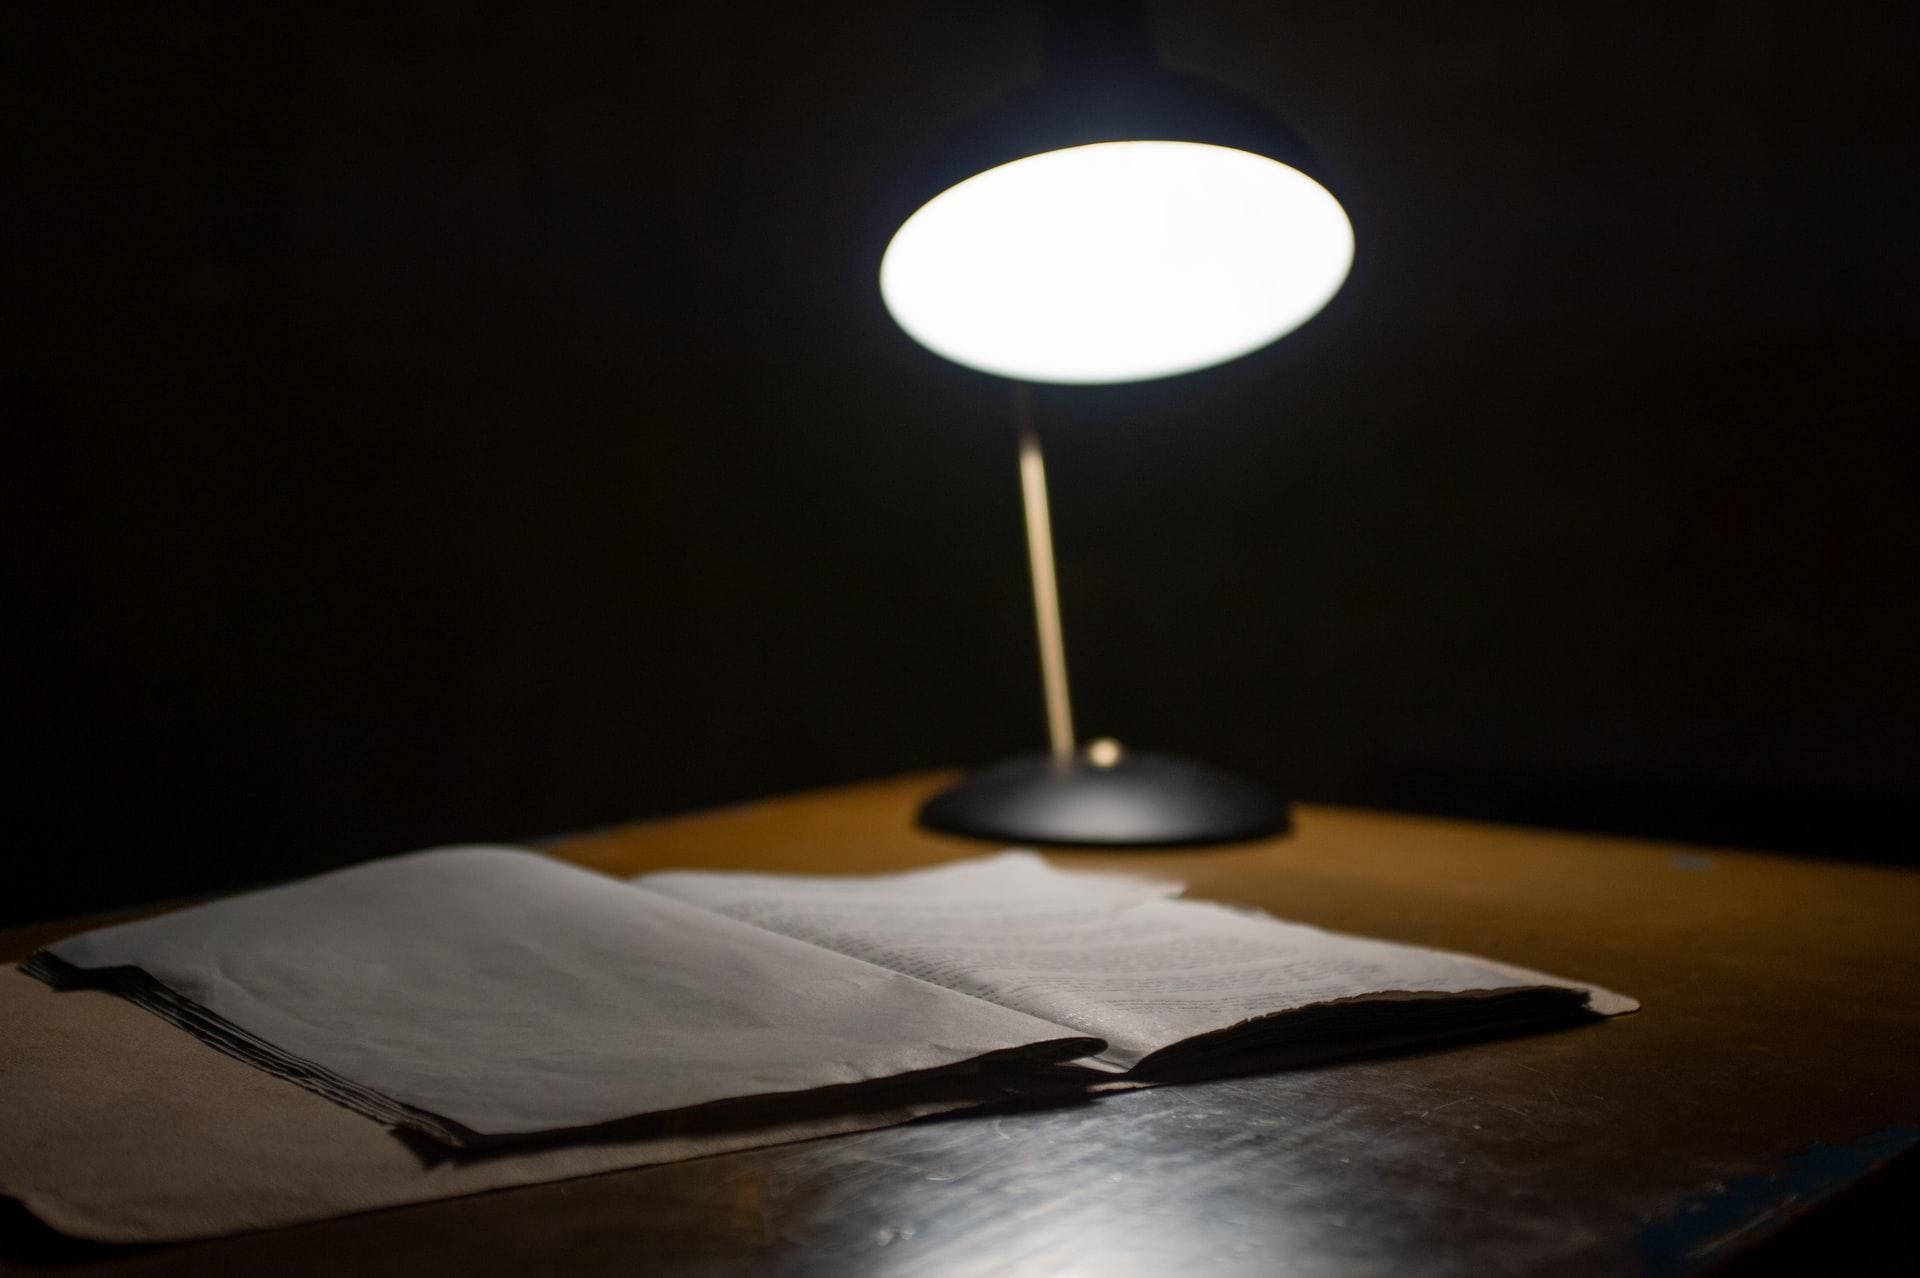 an open book on a desk under a lamp